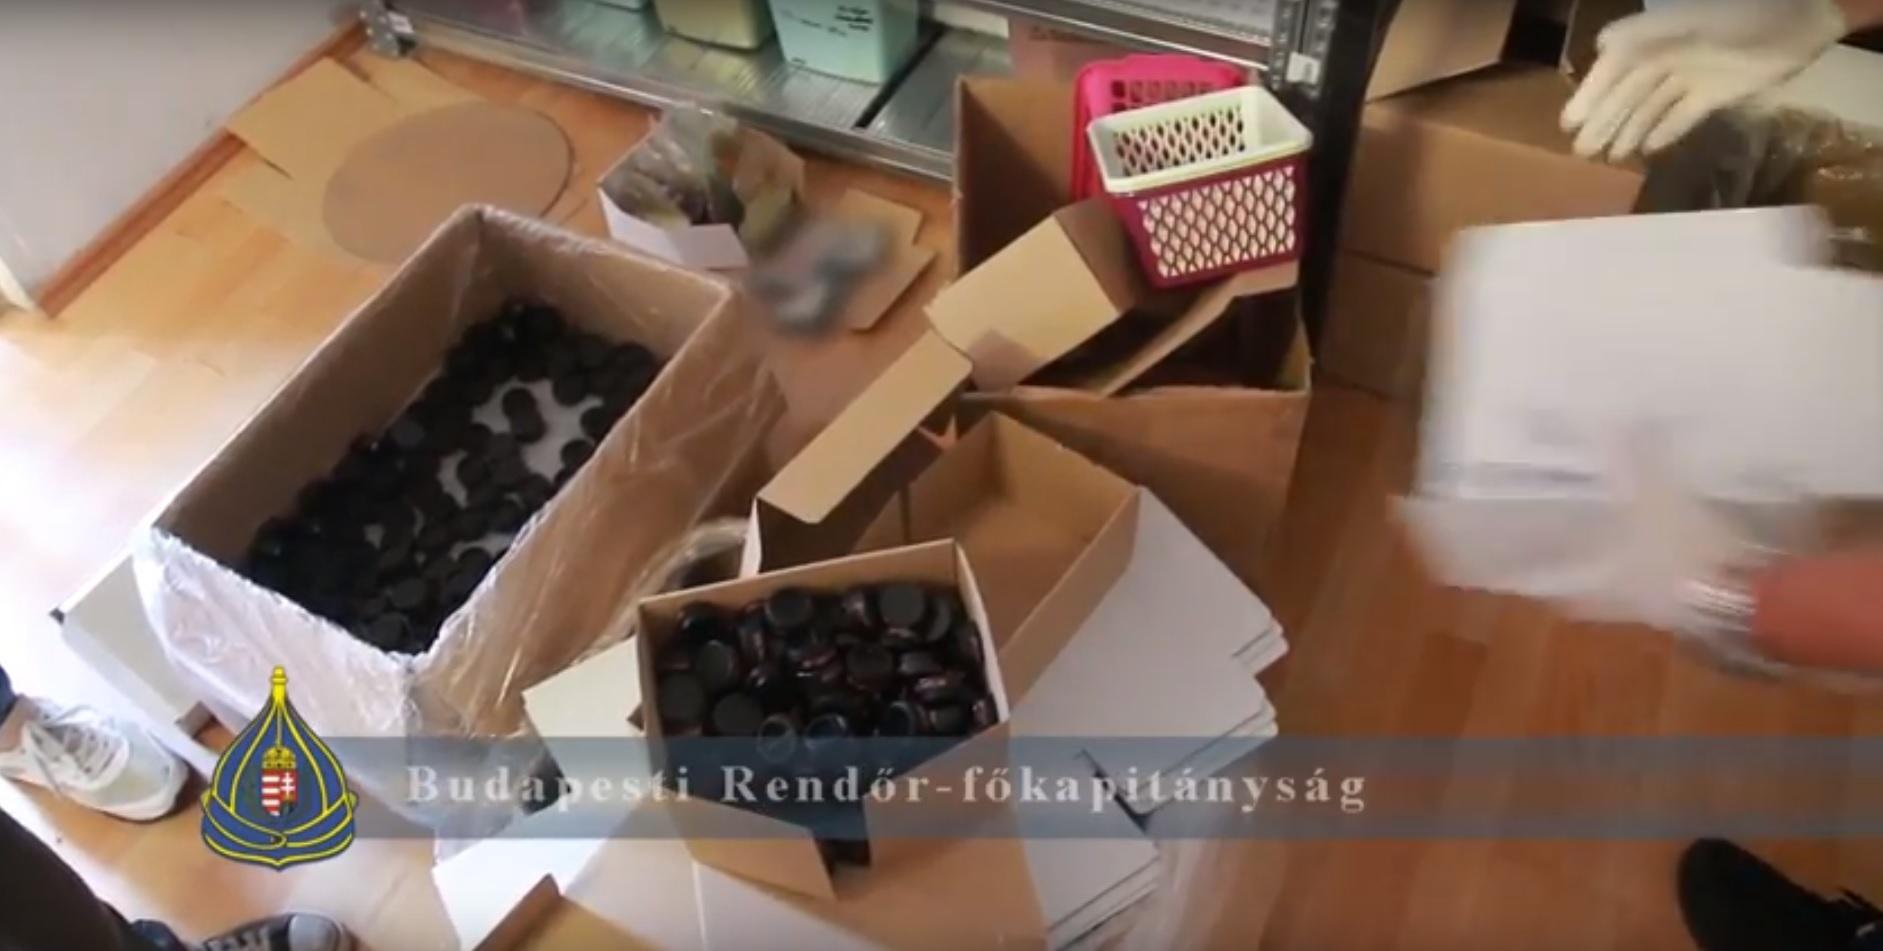 Két budapesti nőt telepakolta a lakását lopott kozmetikai termékekkel